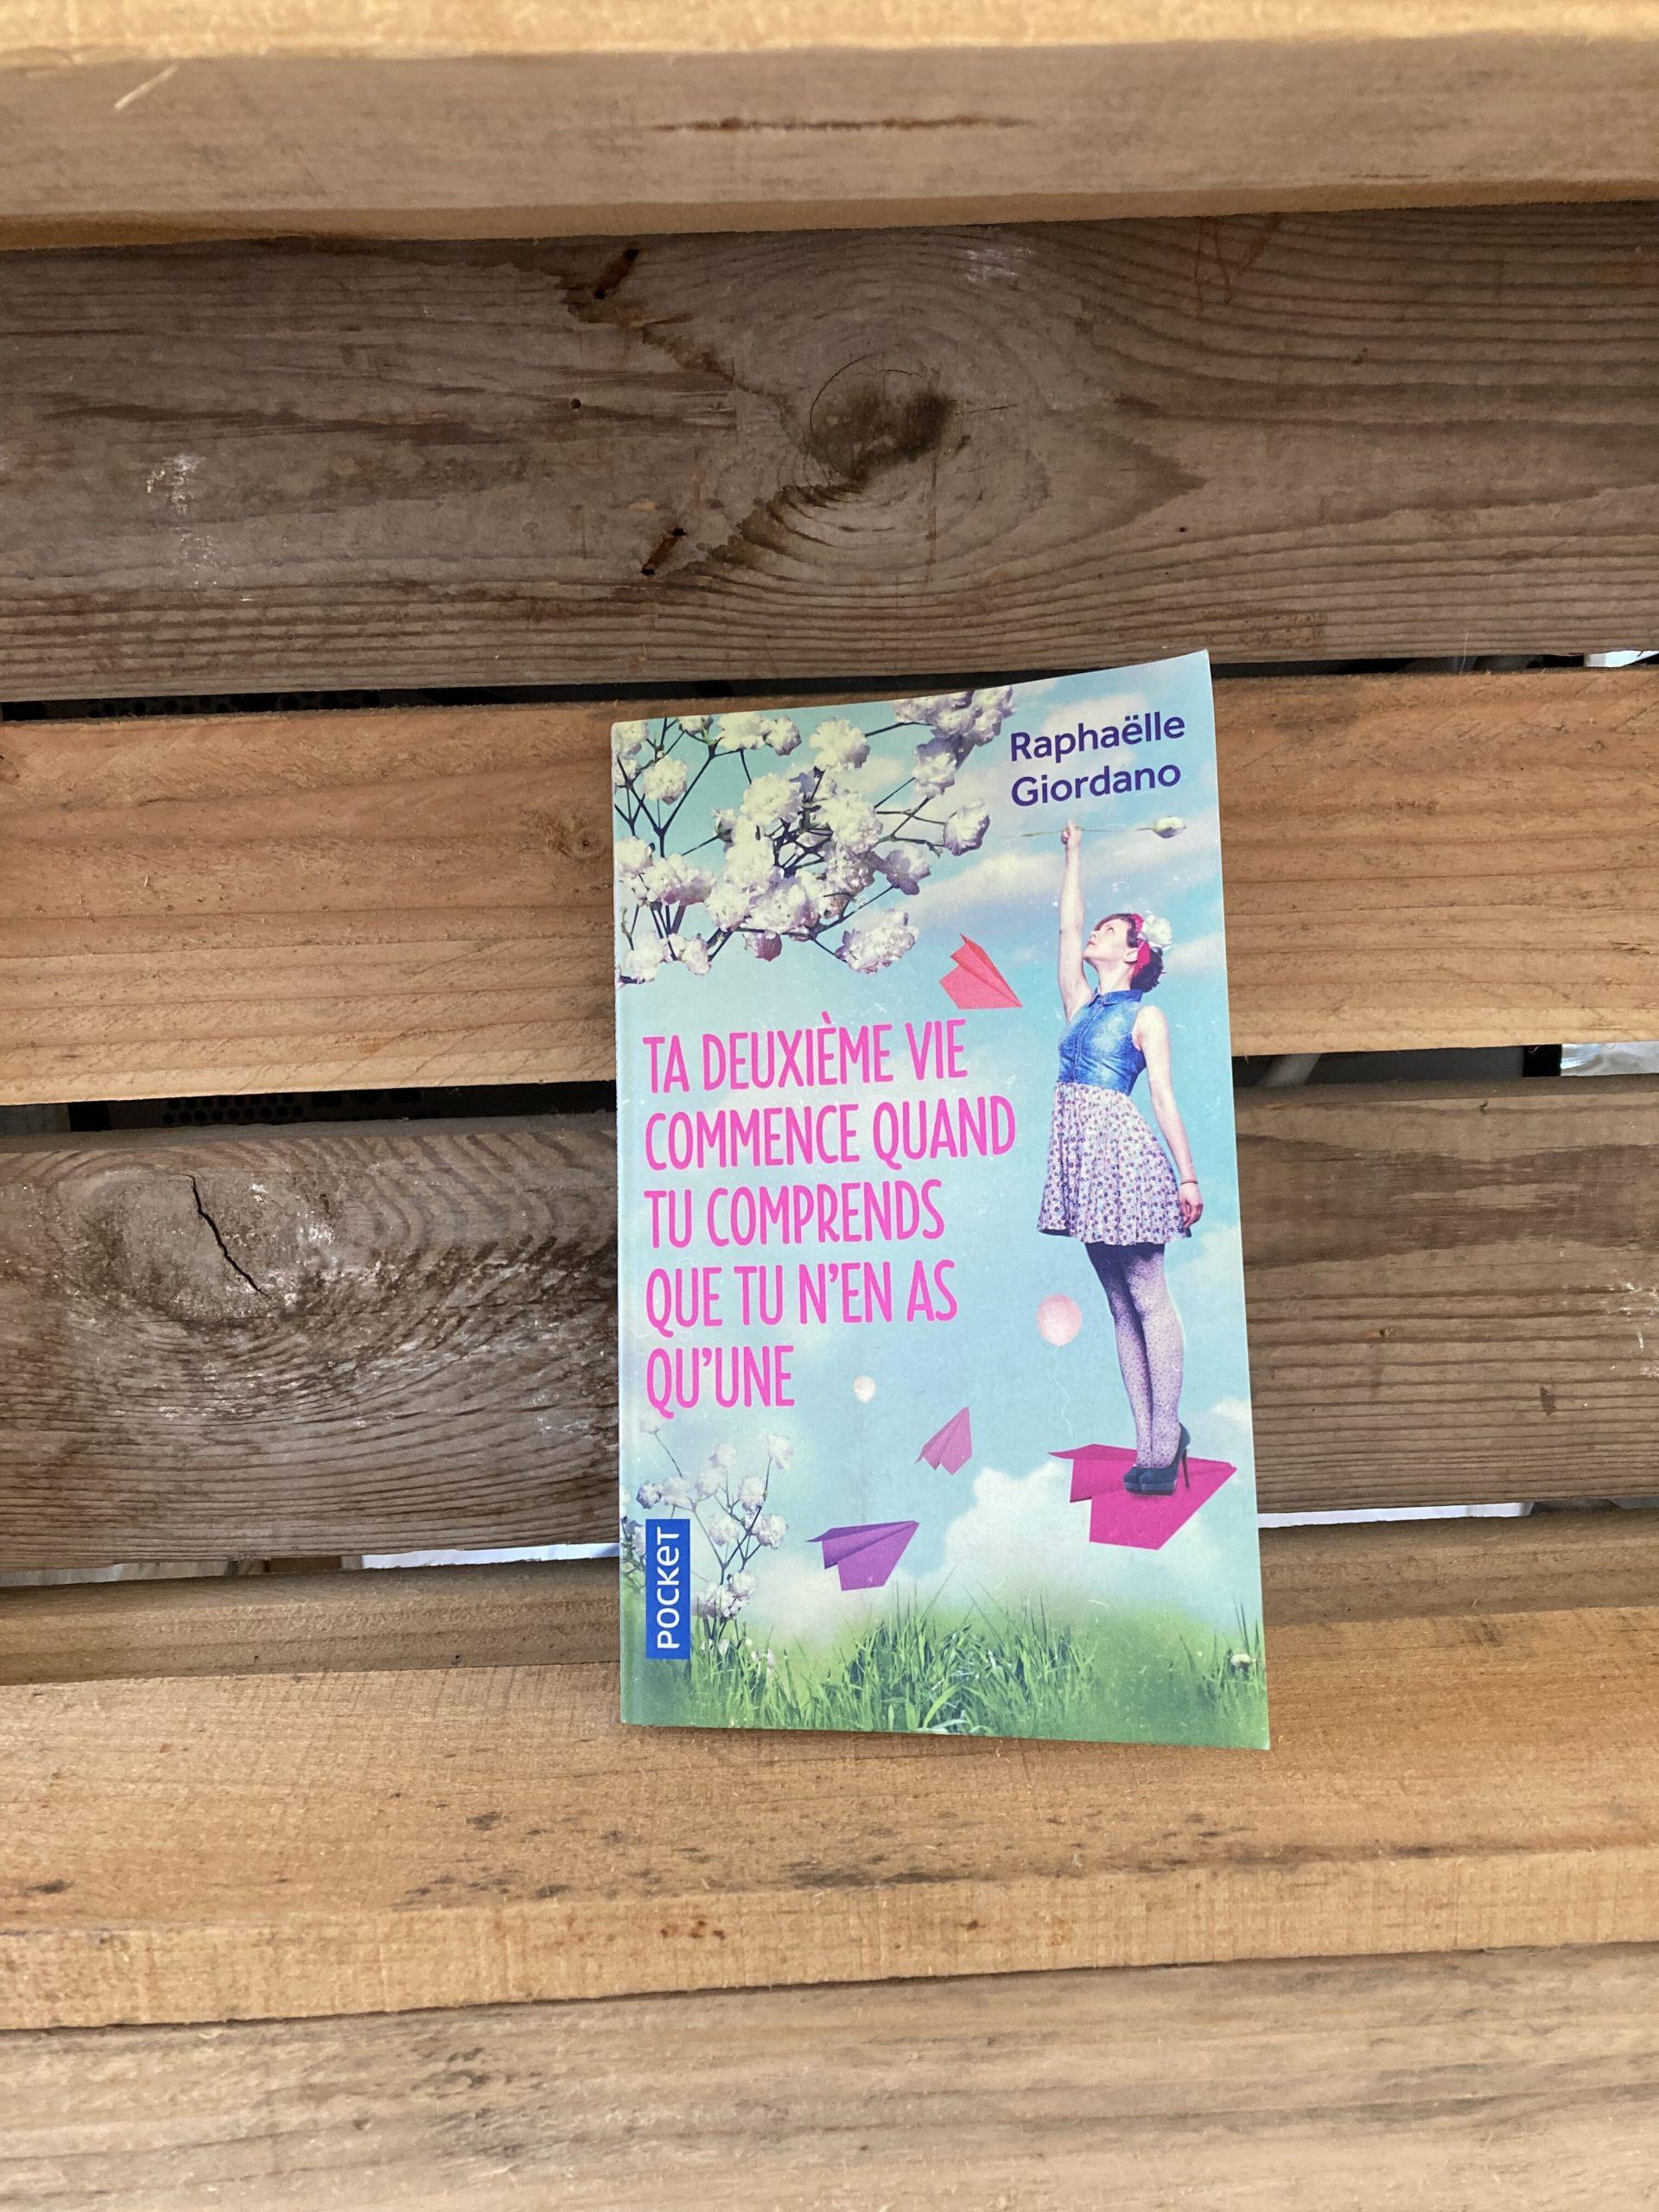 couverture du livre : Ta deuxième vie commence quand tu comprends que tu n'en as qu'une